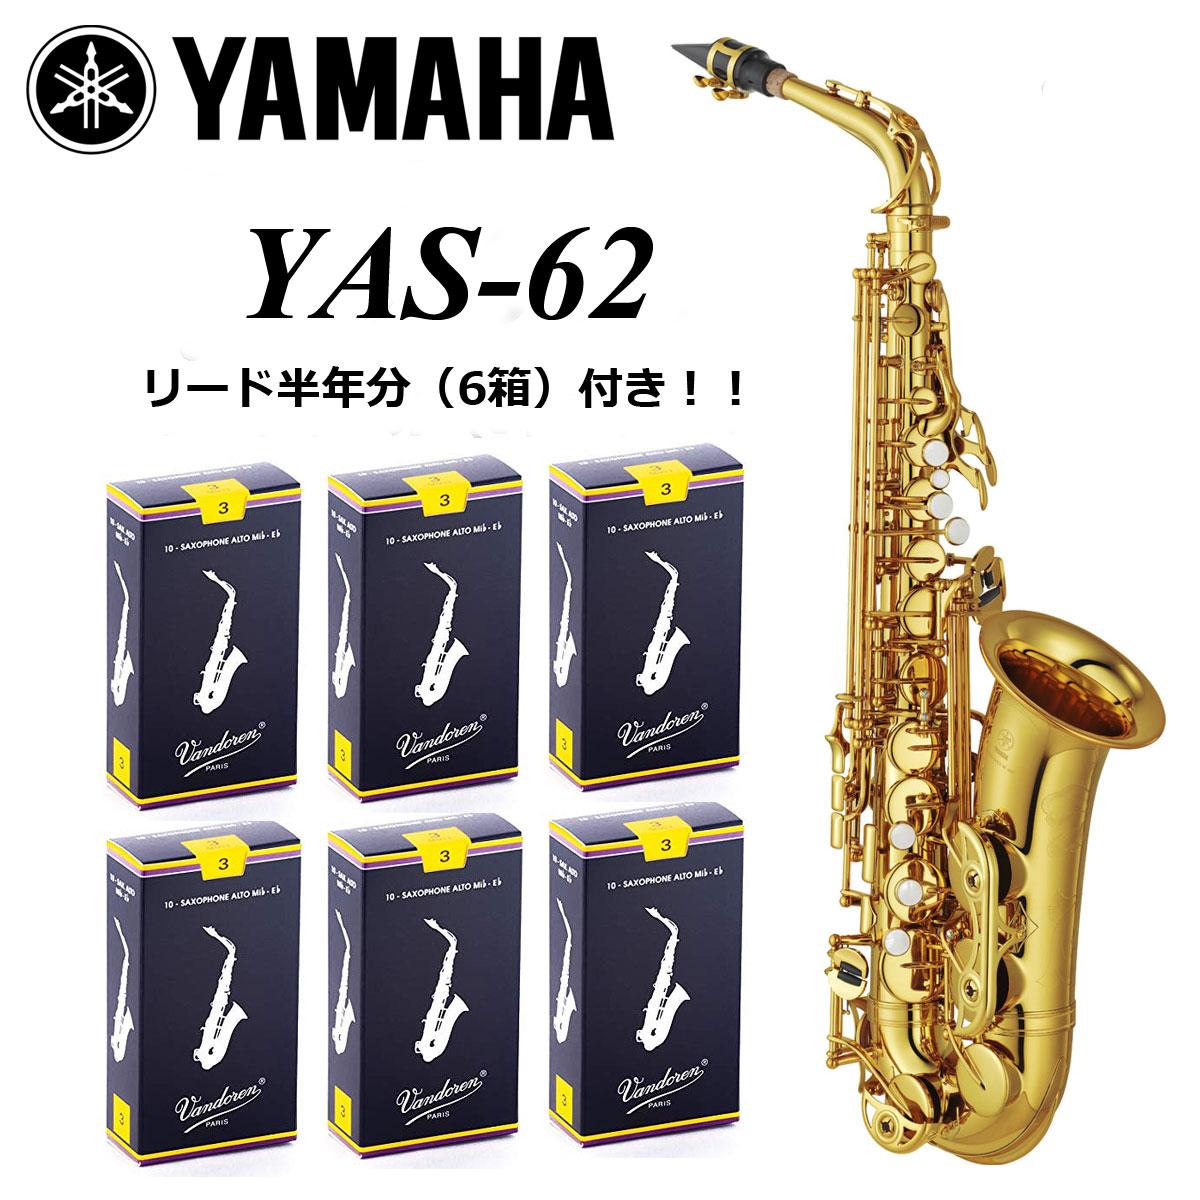 【リード半年分(6箱)付き】 YAMAHA YAS-62 03 ヤマハ アルトサックス YAS62 03 【在庫有り】【横浜店】